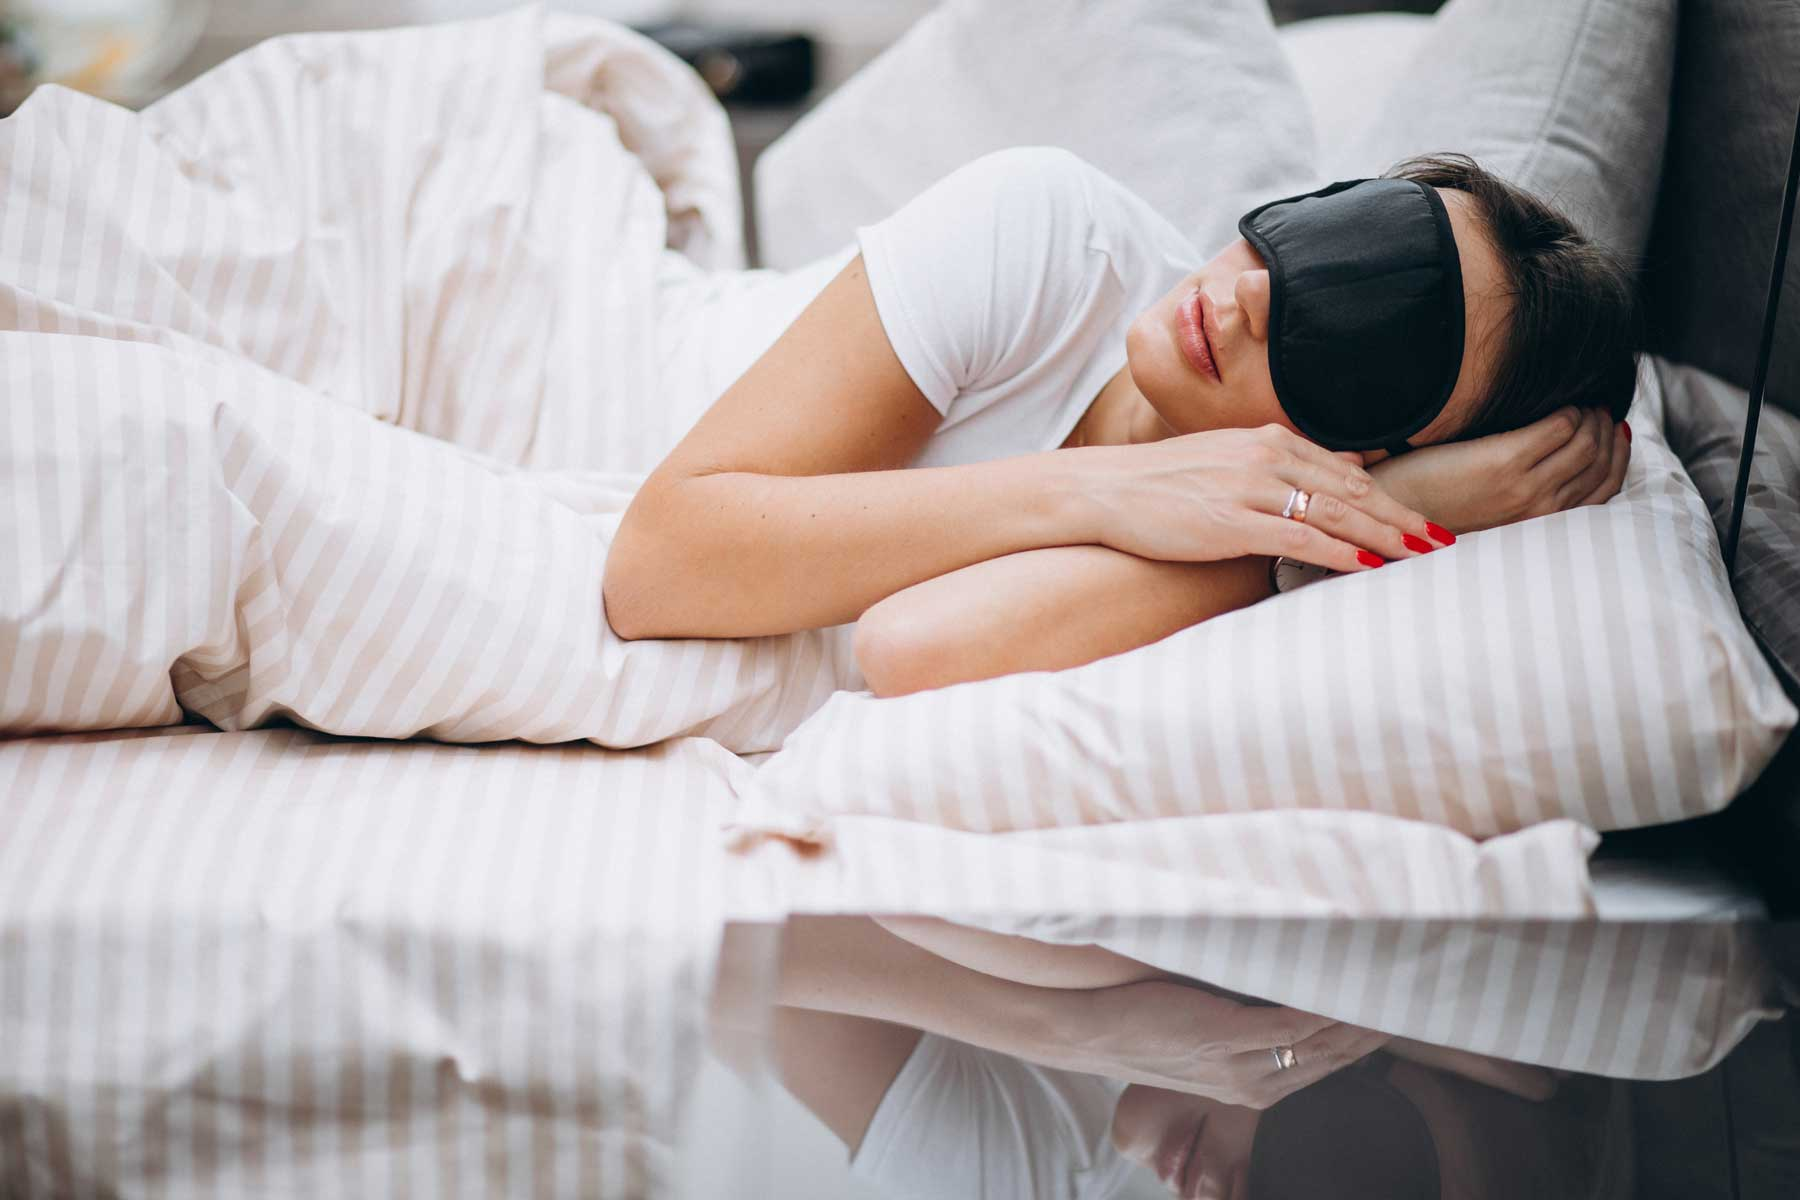 Chi riposa bene inizia la giornata meglio ed è più felice e produttivo: ecco quante ore dobbiamo dormire e come riposare al meglio secondo gli esperti..